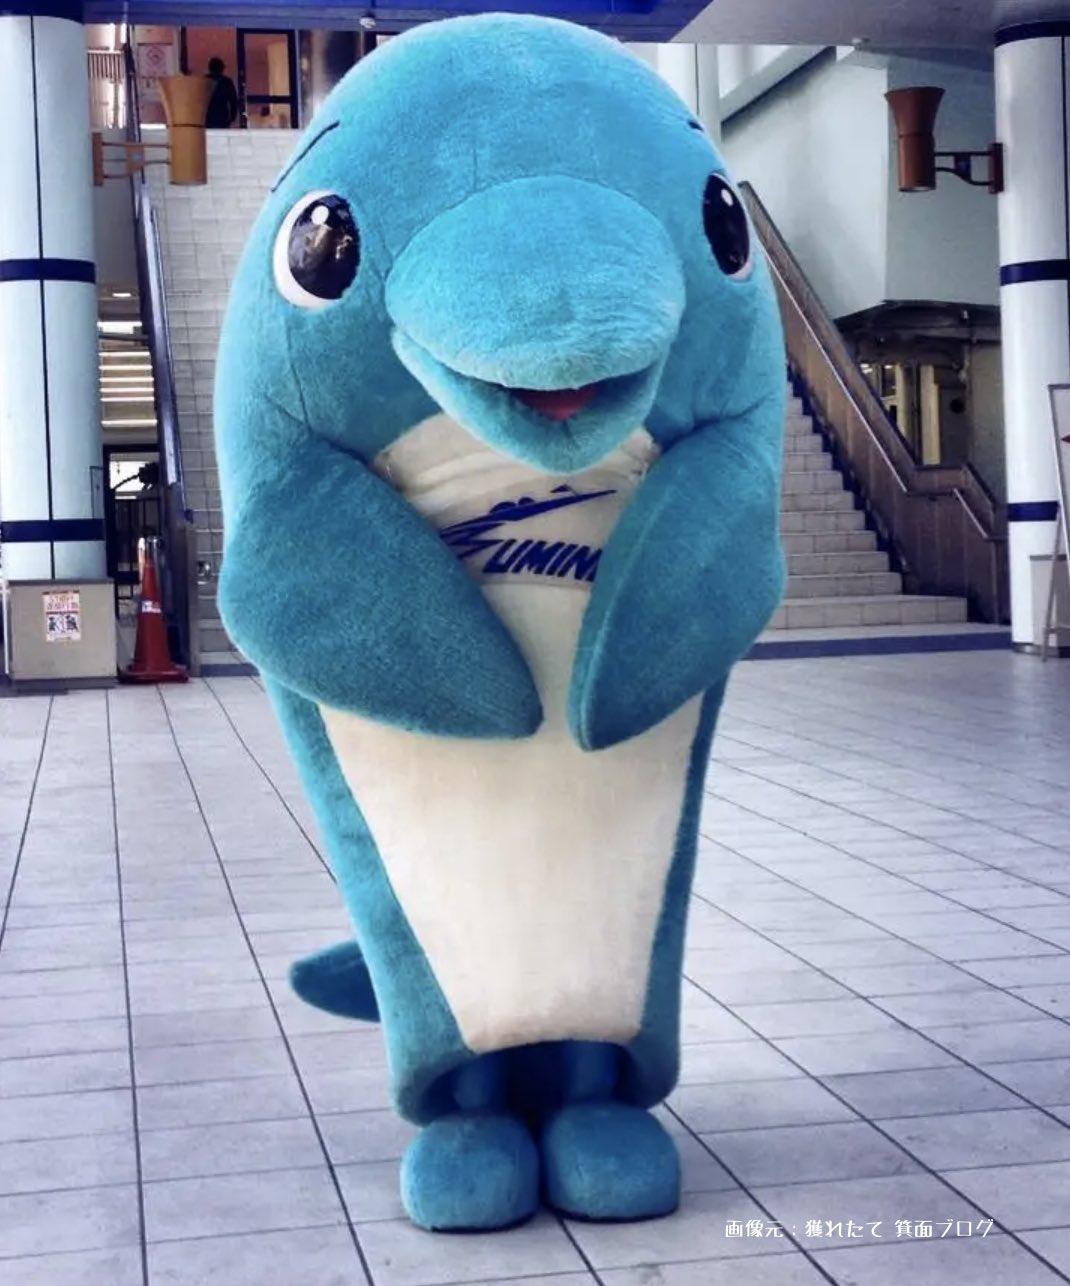 住之江競艇場のマスコットキャラクター、ジャンピーの画像